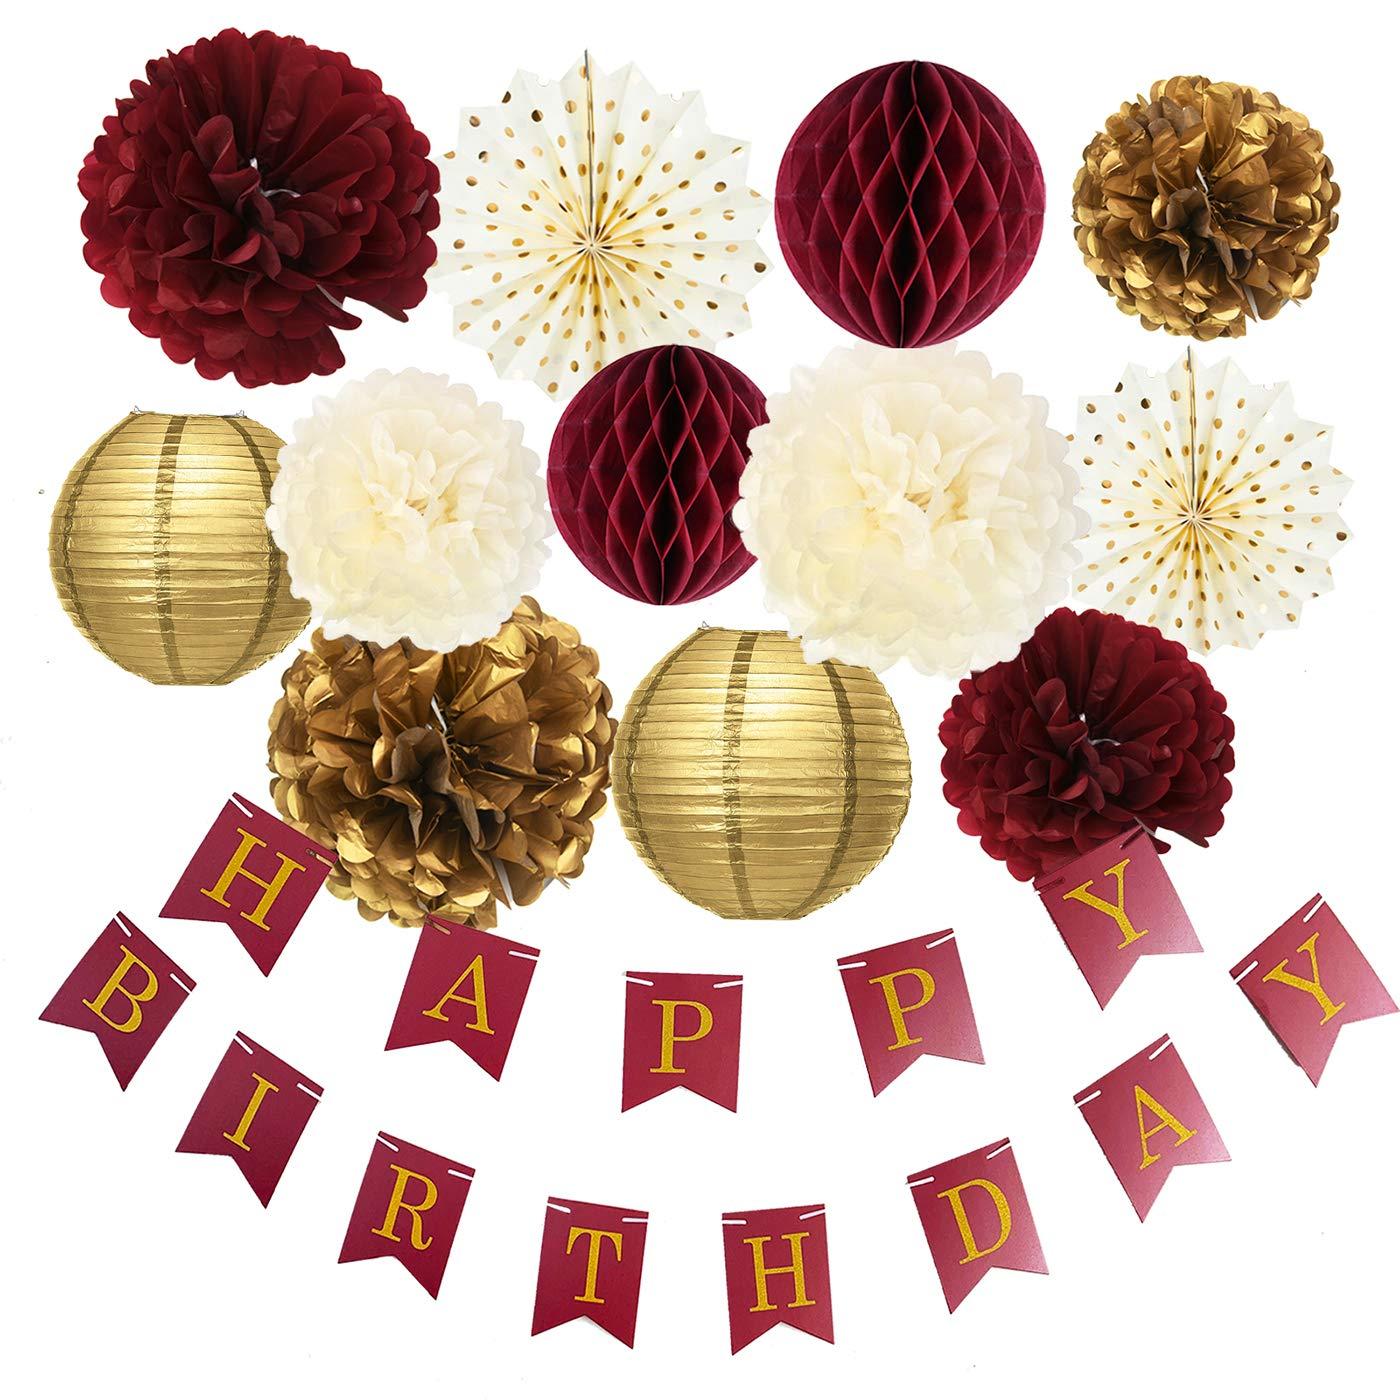 Burgundy Gold Birthday Party Decorations Burgundy Gold Happy Birthday Banner Tssue Pom Pom Honeycomb Balls Polka Dot Fans for Burgundy Fall Birthday Party Supplies/30th Birthday Decorations by Qian's Party